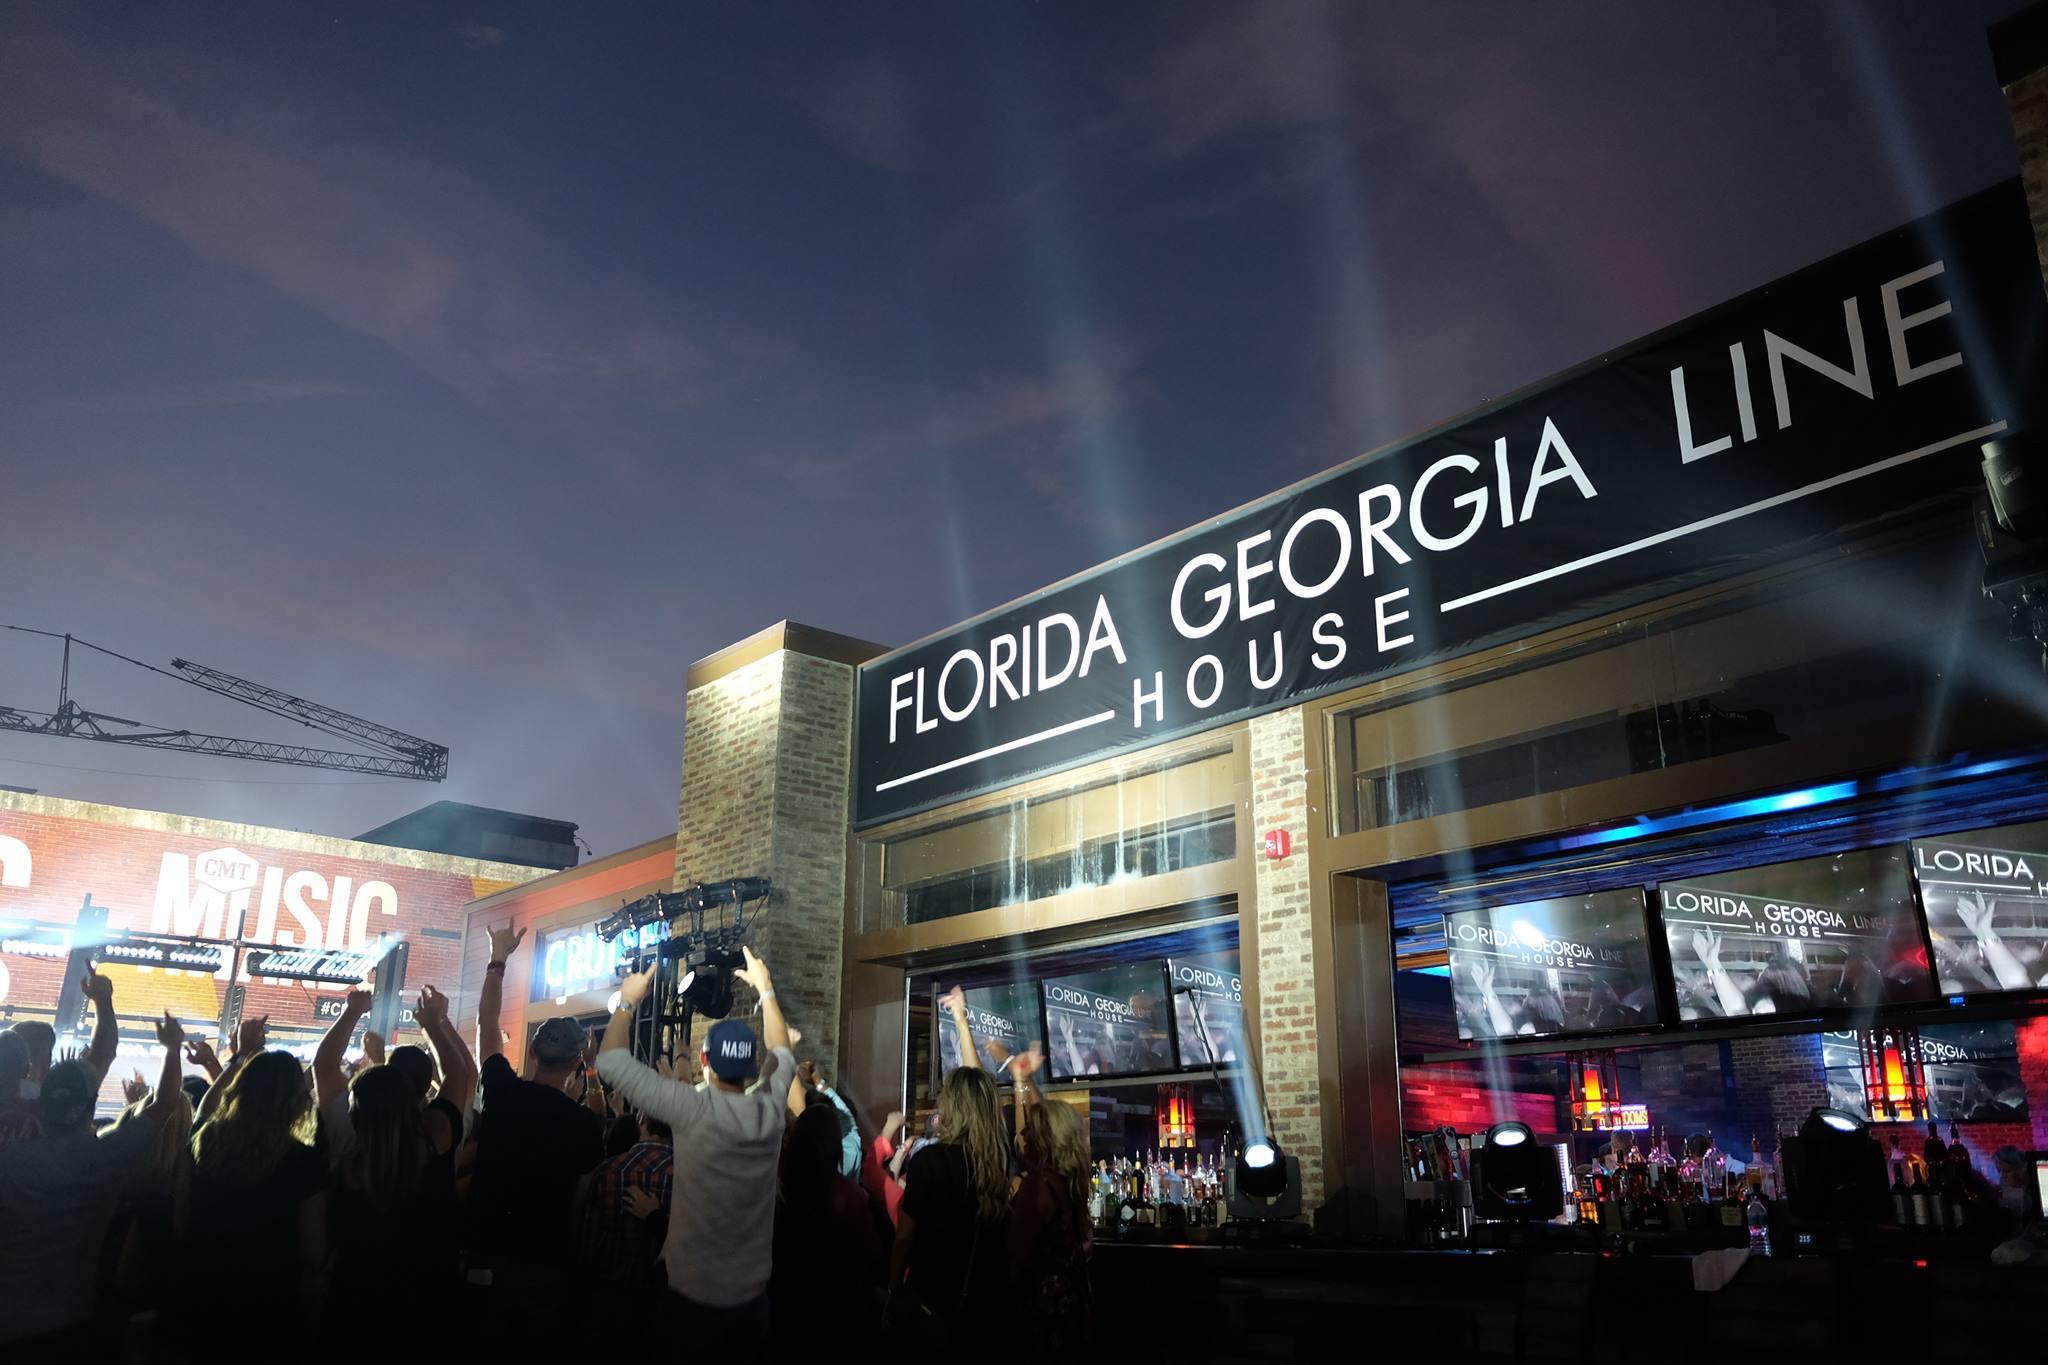 Florida Georgia Line